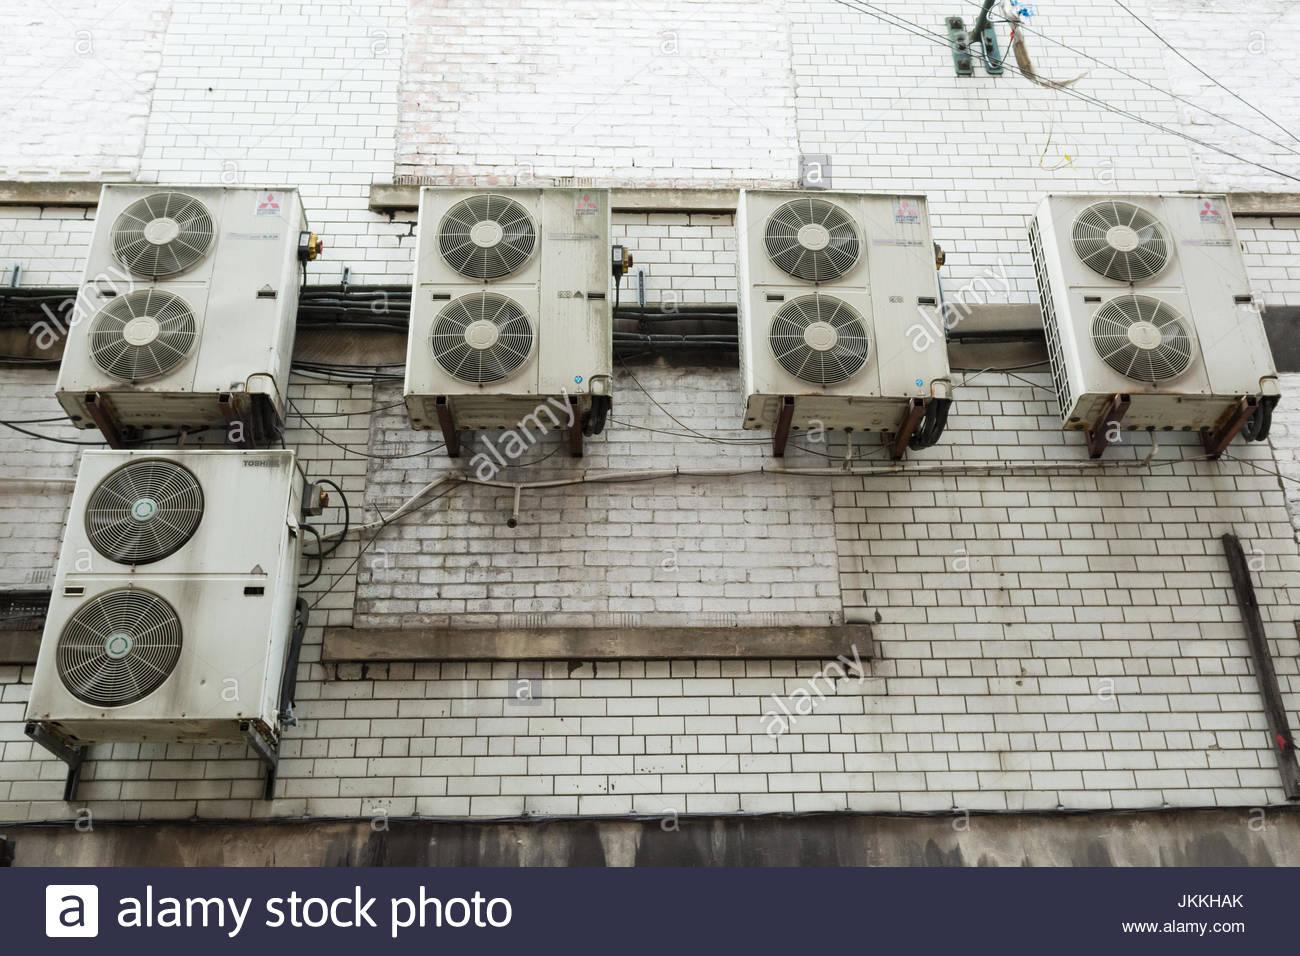 Las unidades de aire acondicionado en la pared externa Imagen De Stock